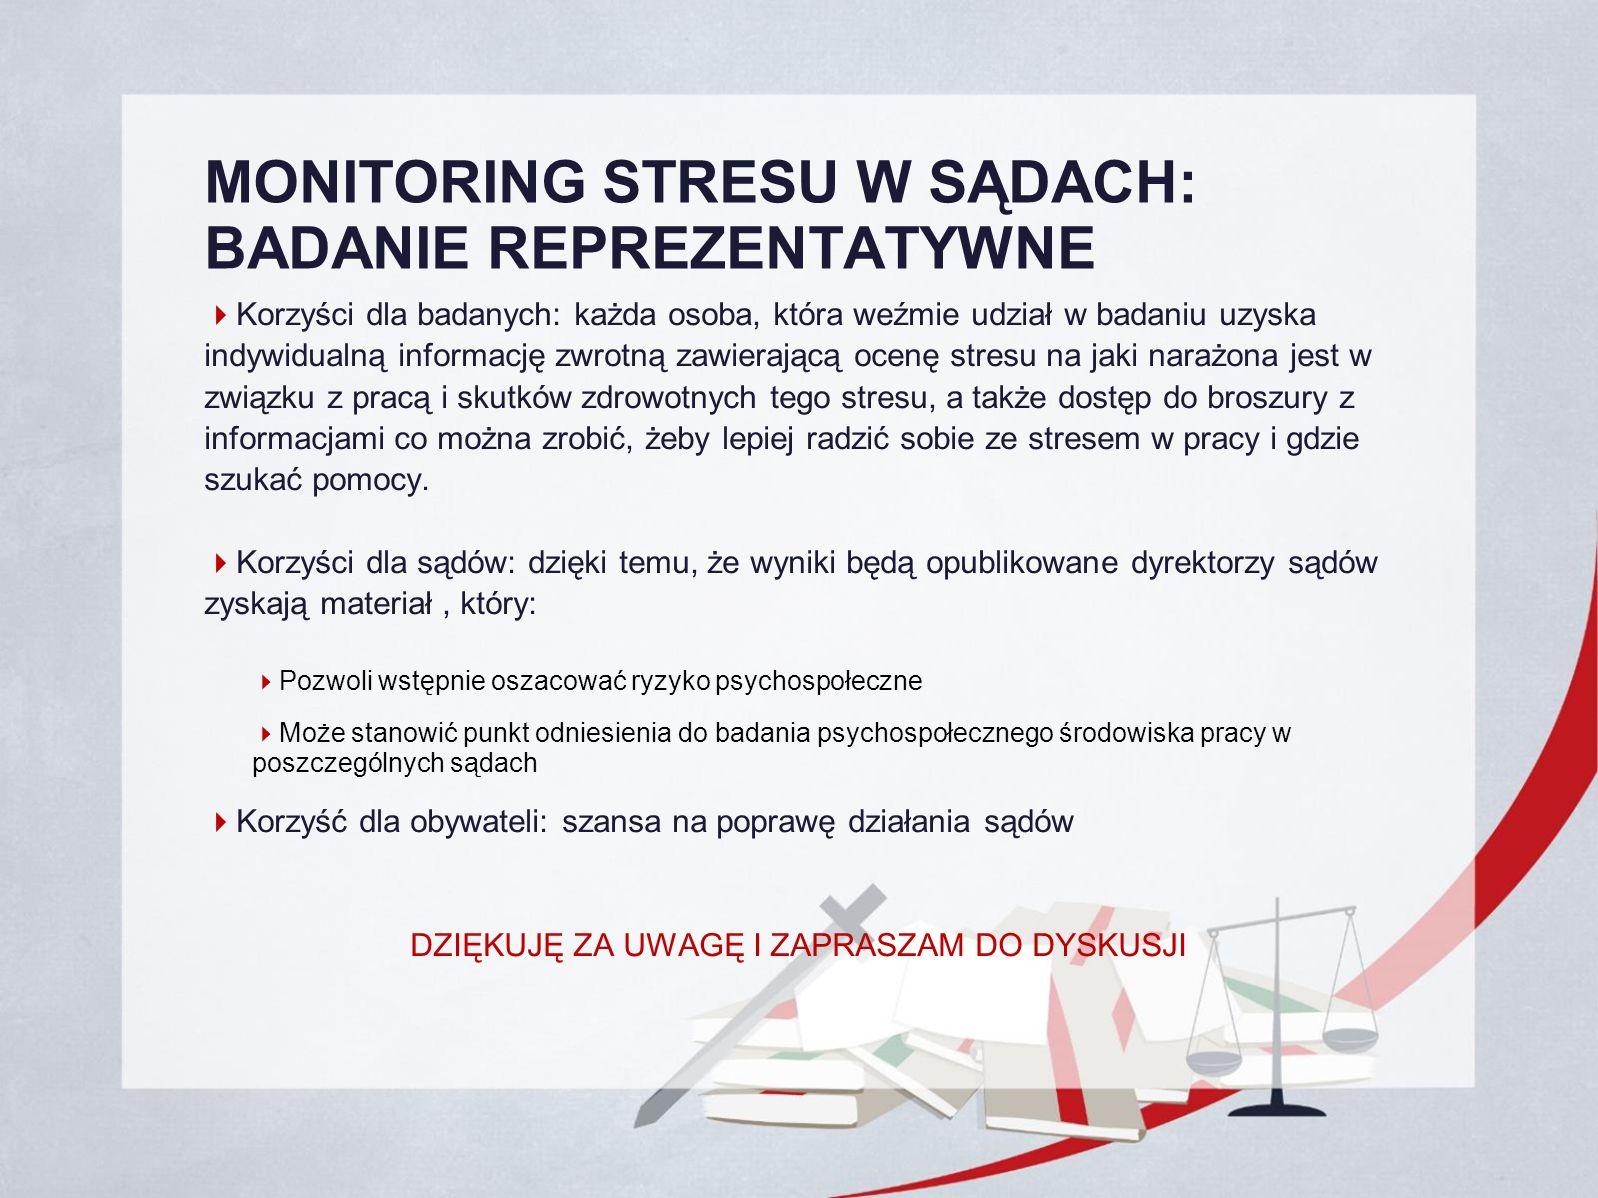 MONITORING STRESU W SĄDACH: BADANIE REPREZENTATYWNE  Korzyści dla badanych: każda osoba, która weźmie udział w badaniu uzyska indywidualną informację zwrotną zawierającą ocenę stresu na jaki narażona jest w związku z pracą i skutków zdrowotnych tego stresu, a także dostęp do broszury z informacjami co można zrobić, żeby lepiej radzić sobie ze stresem w pracy i gdzie szukać pomocy.